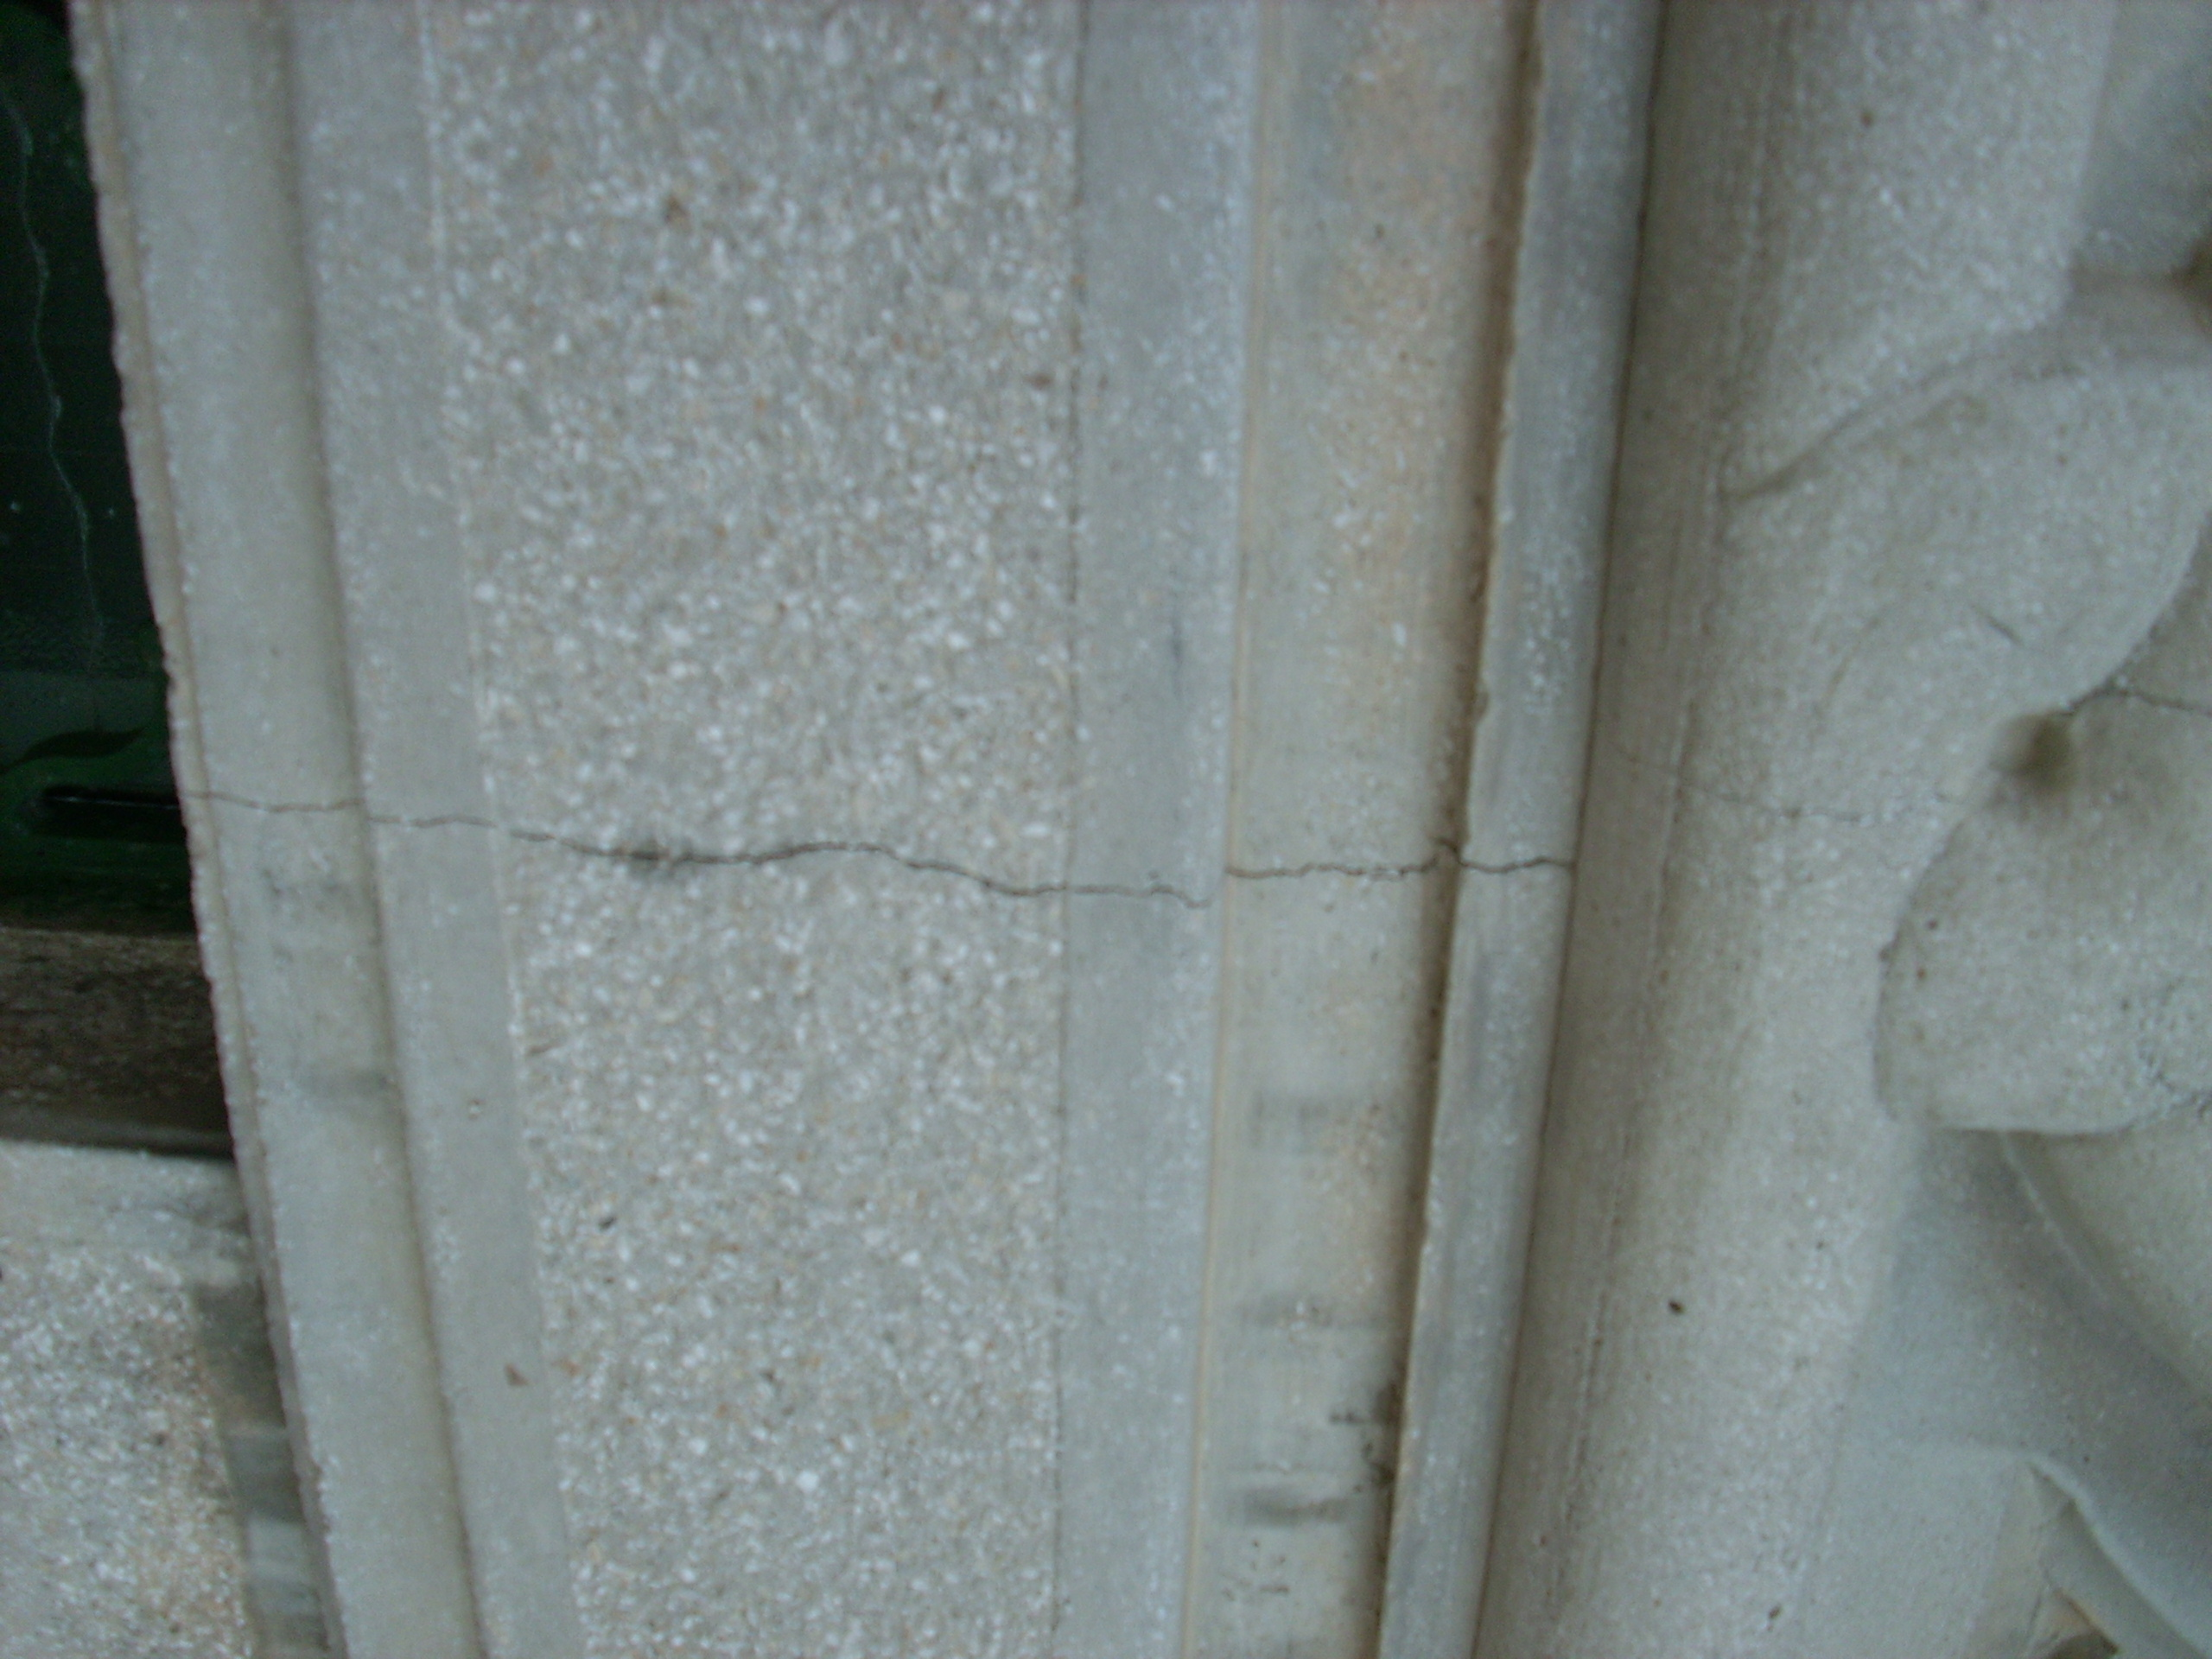 Aplicarea tratamentelor de impermeabilizare - Monument funerar UNICO PROFIT - Poza 6